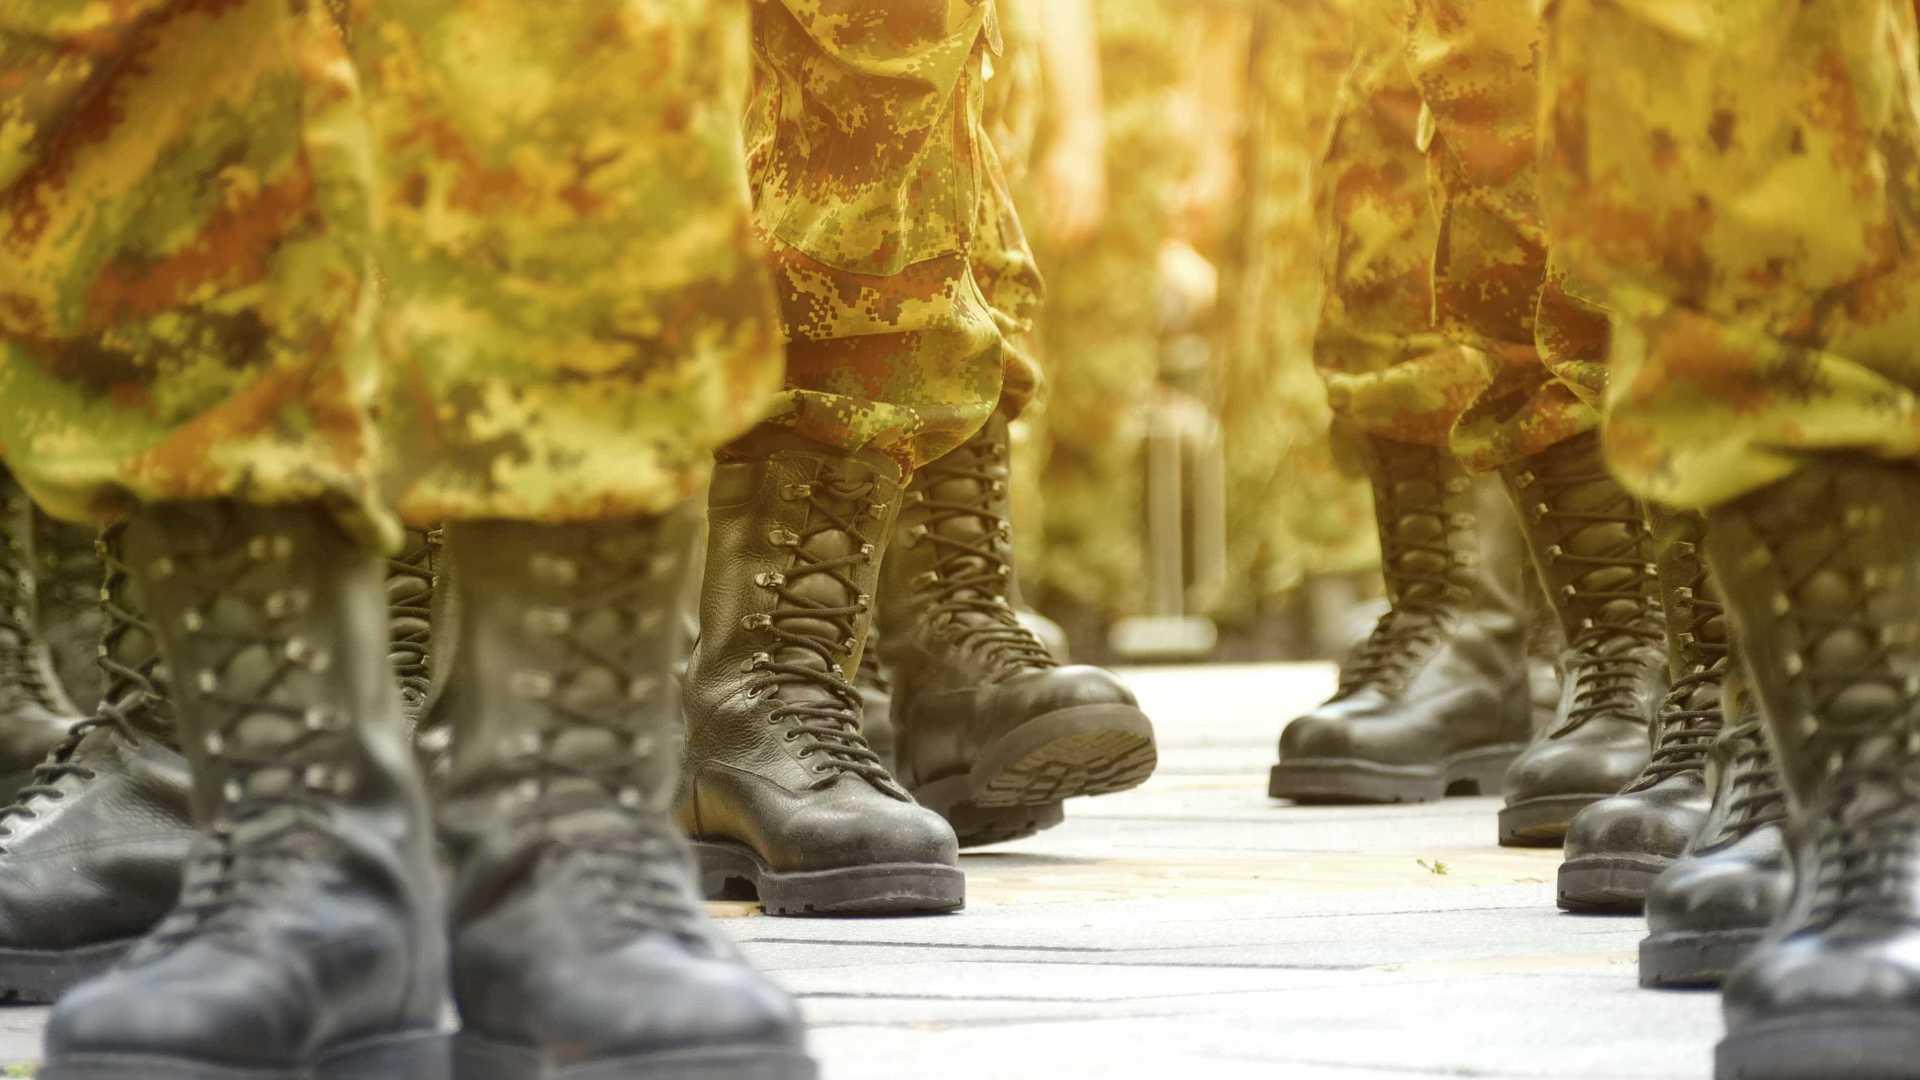 associação de veteranos apoia exército e pede afastamento de mugabe - naom 5a0c333c2f15f - Associação de Veteranos apoia exército e pede afastamento de Mugabe